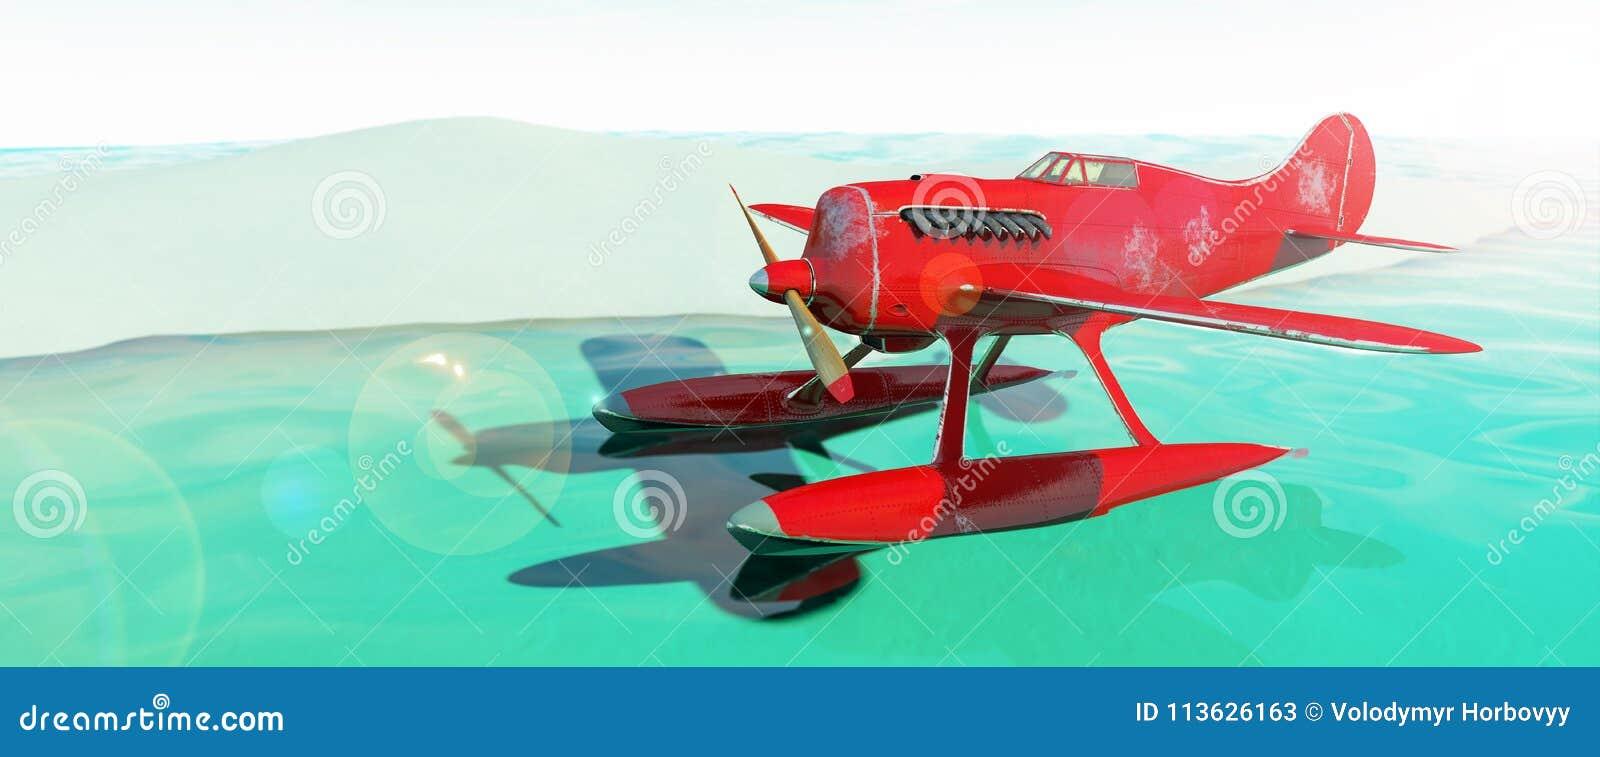 水上飞机 3d回报